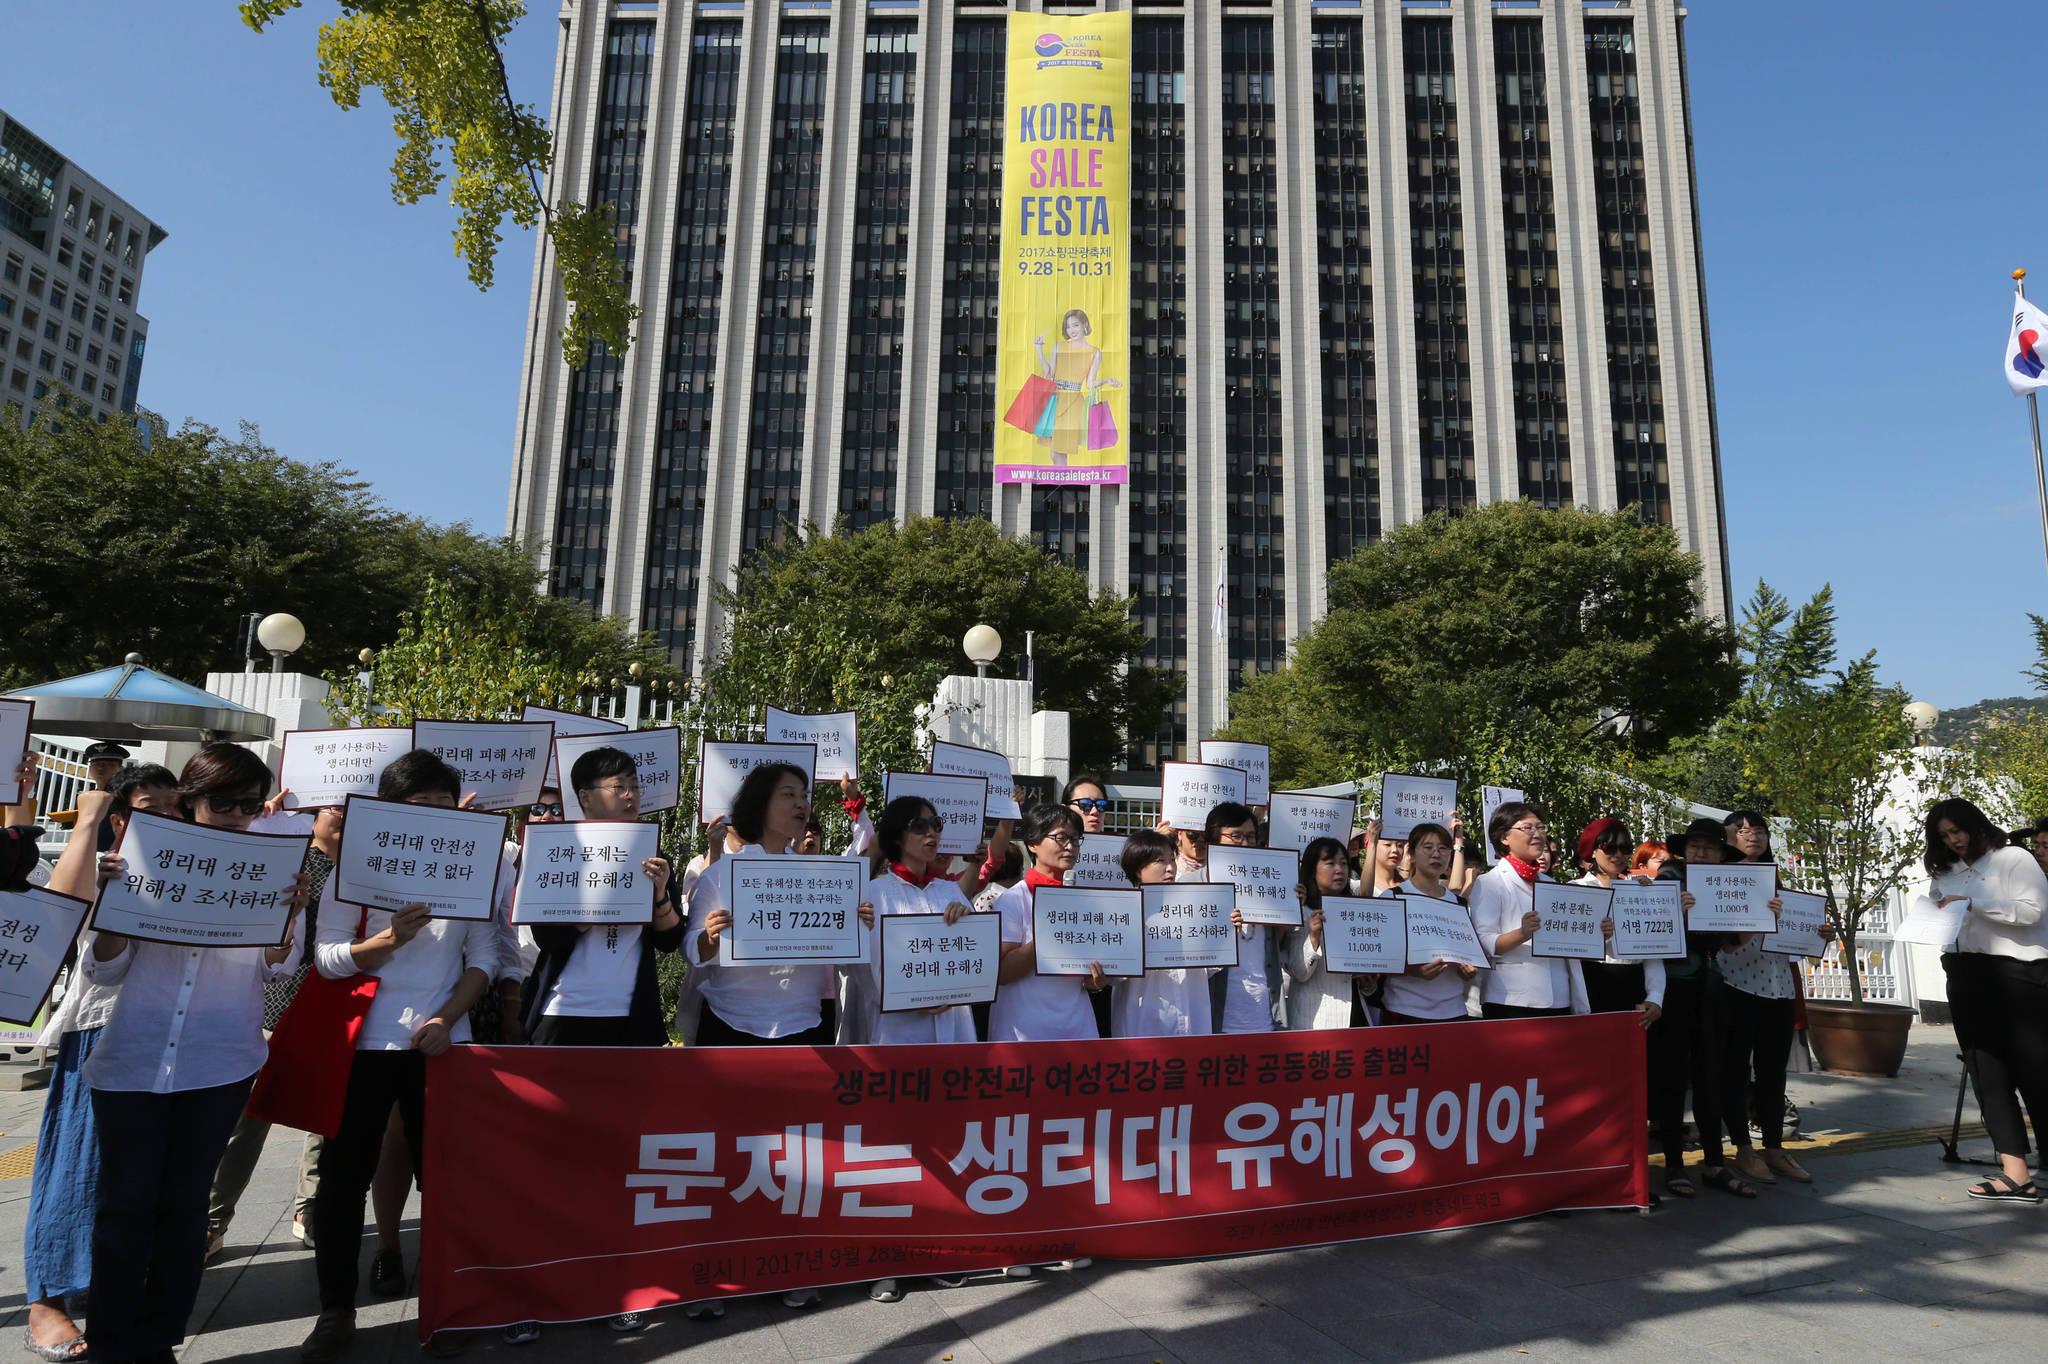 생리대 안전과 여성건강을 위한 공동행동 출범식이 28일 서울 정부서울청사 앞에서 열렸다. 신인섭 기자